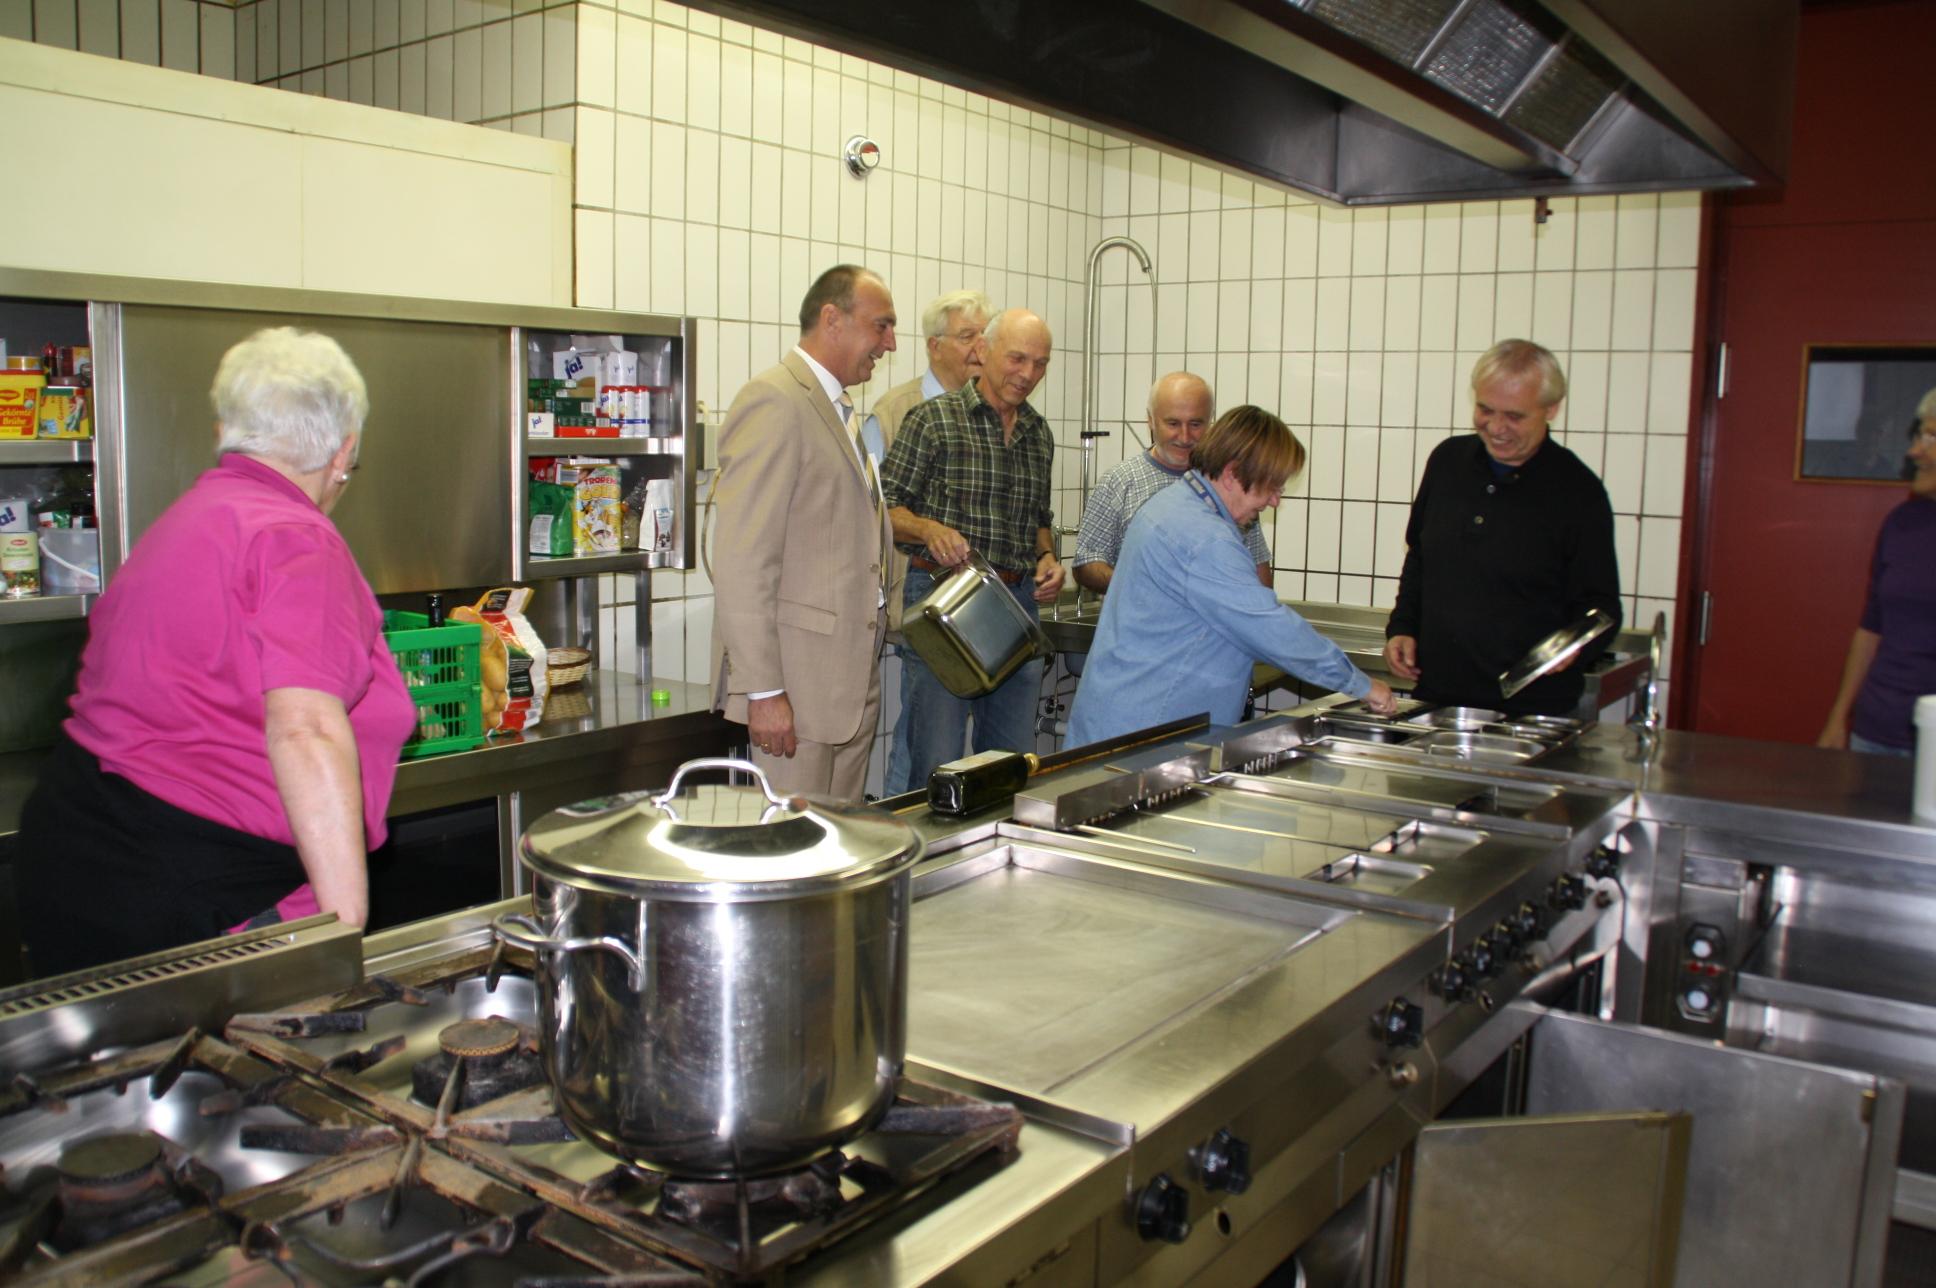 """Die Küche der """"Bürgerstuben"""" in der Mehrzweckhalle erstrahlt schon in neuem Glanz. Deshalb übten sich Seniorenbeirat und Vertreter des Projekts Mehrgenerationenhaus gleich mal beim Probekochen."""